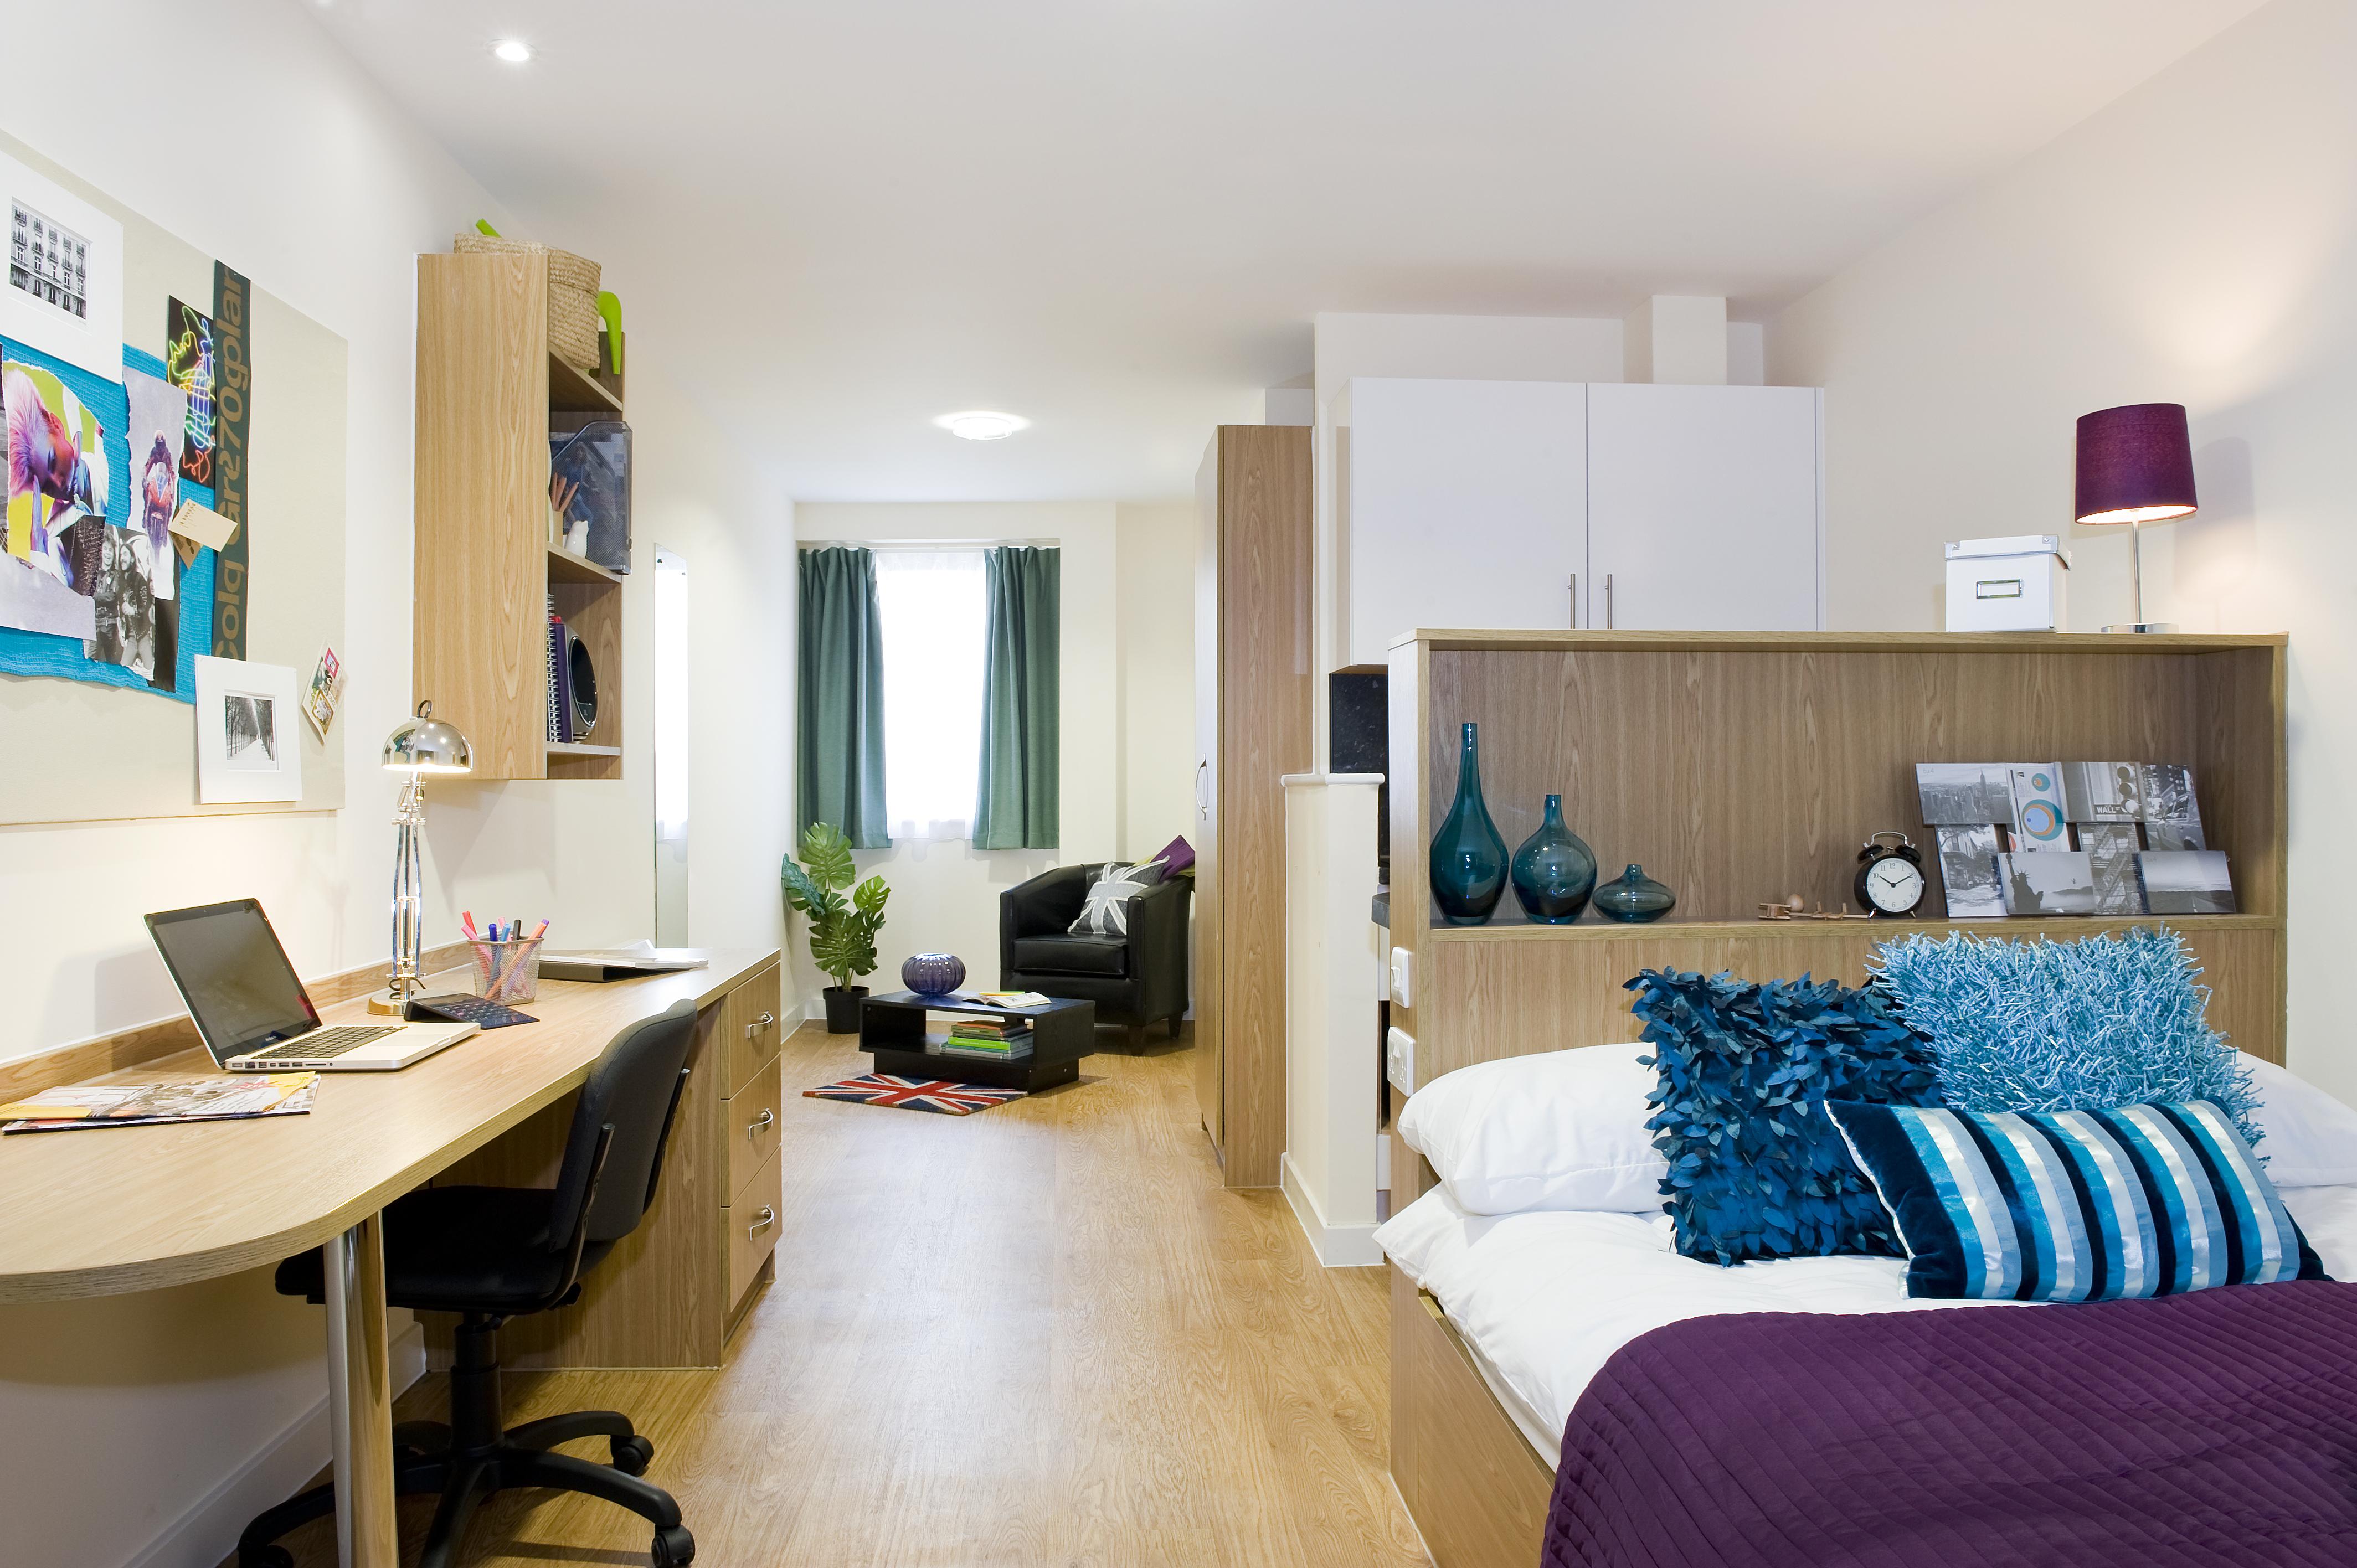 dorchester-house-summer-residence-bedroo